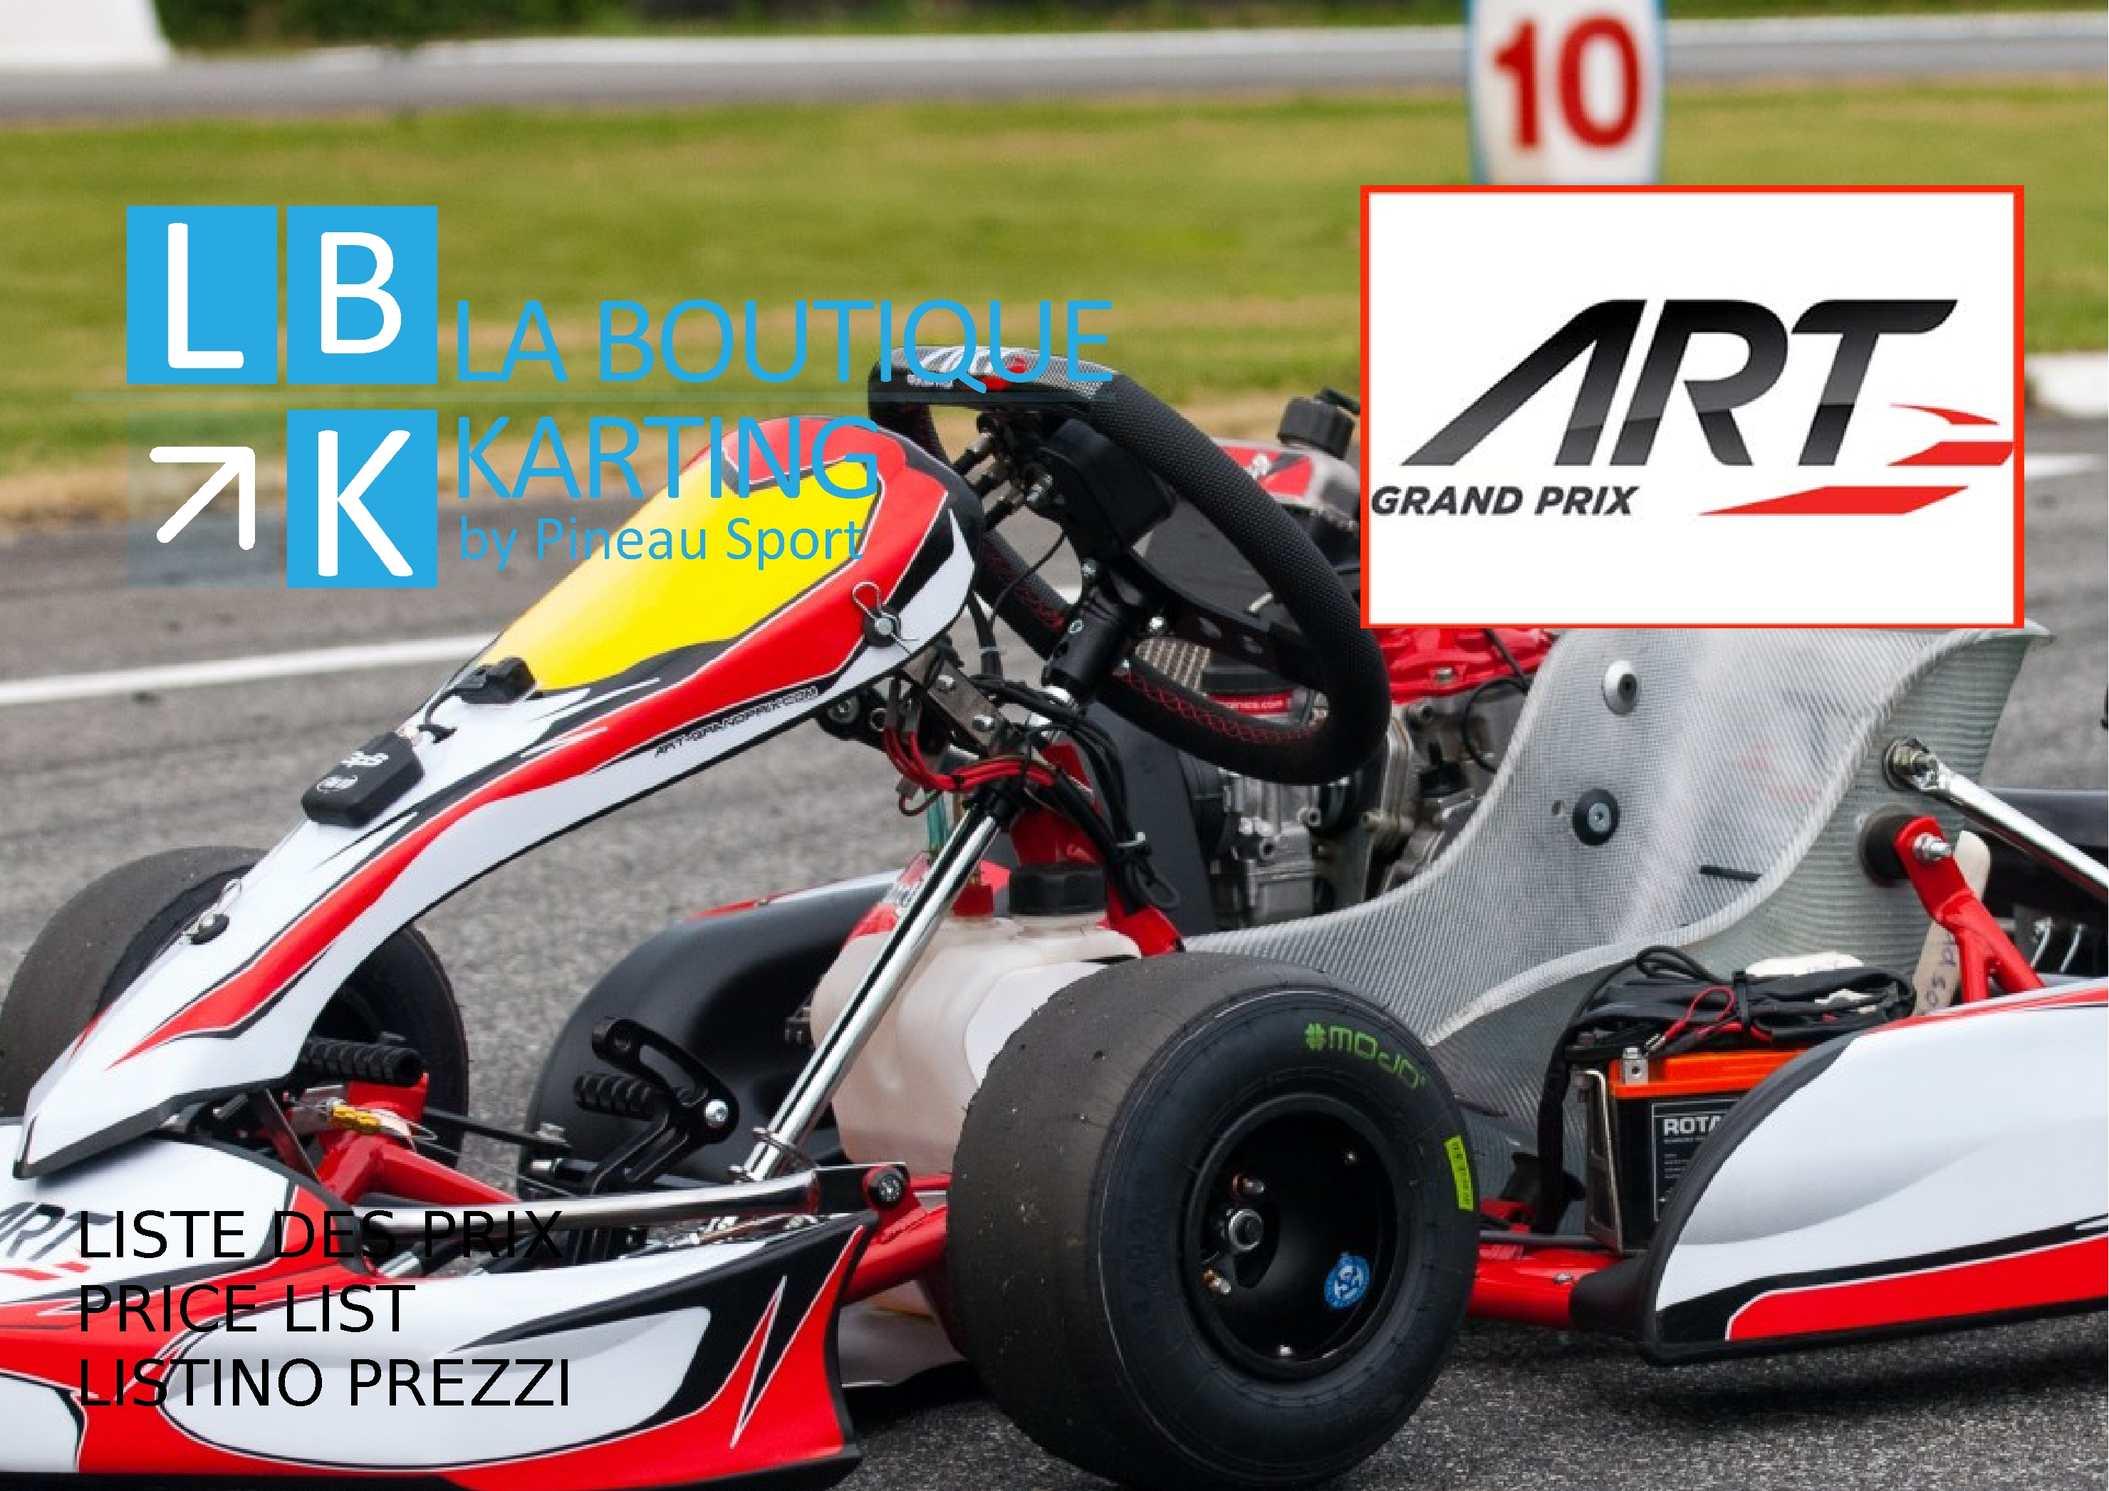 Calam o liste des prix art grand prix la boutique karting for Catalogo grand prix